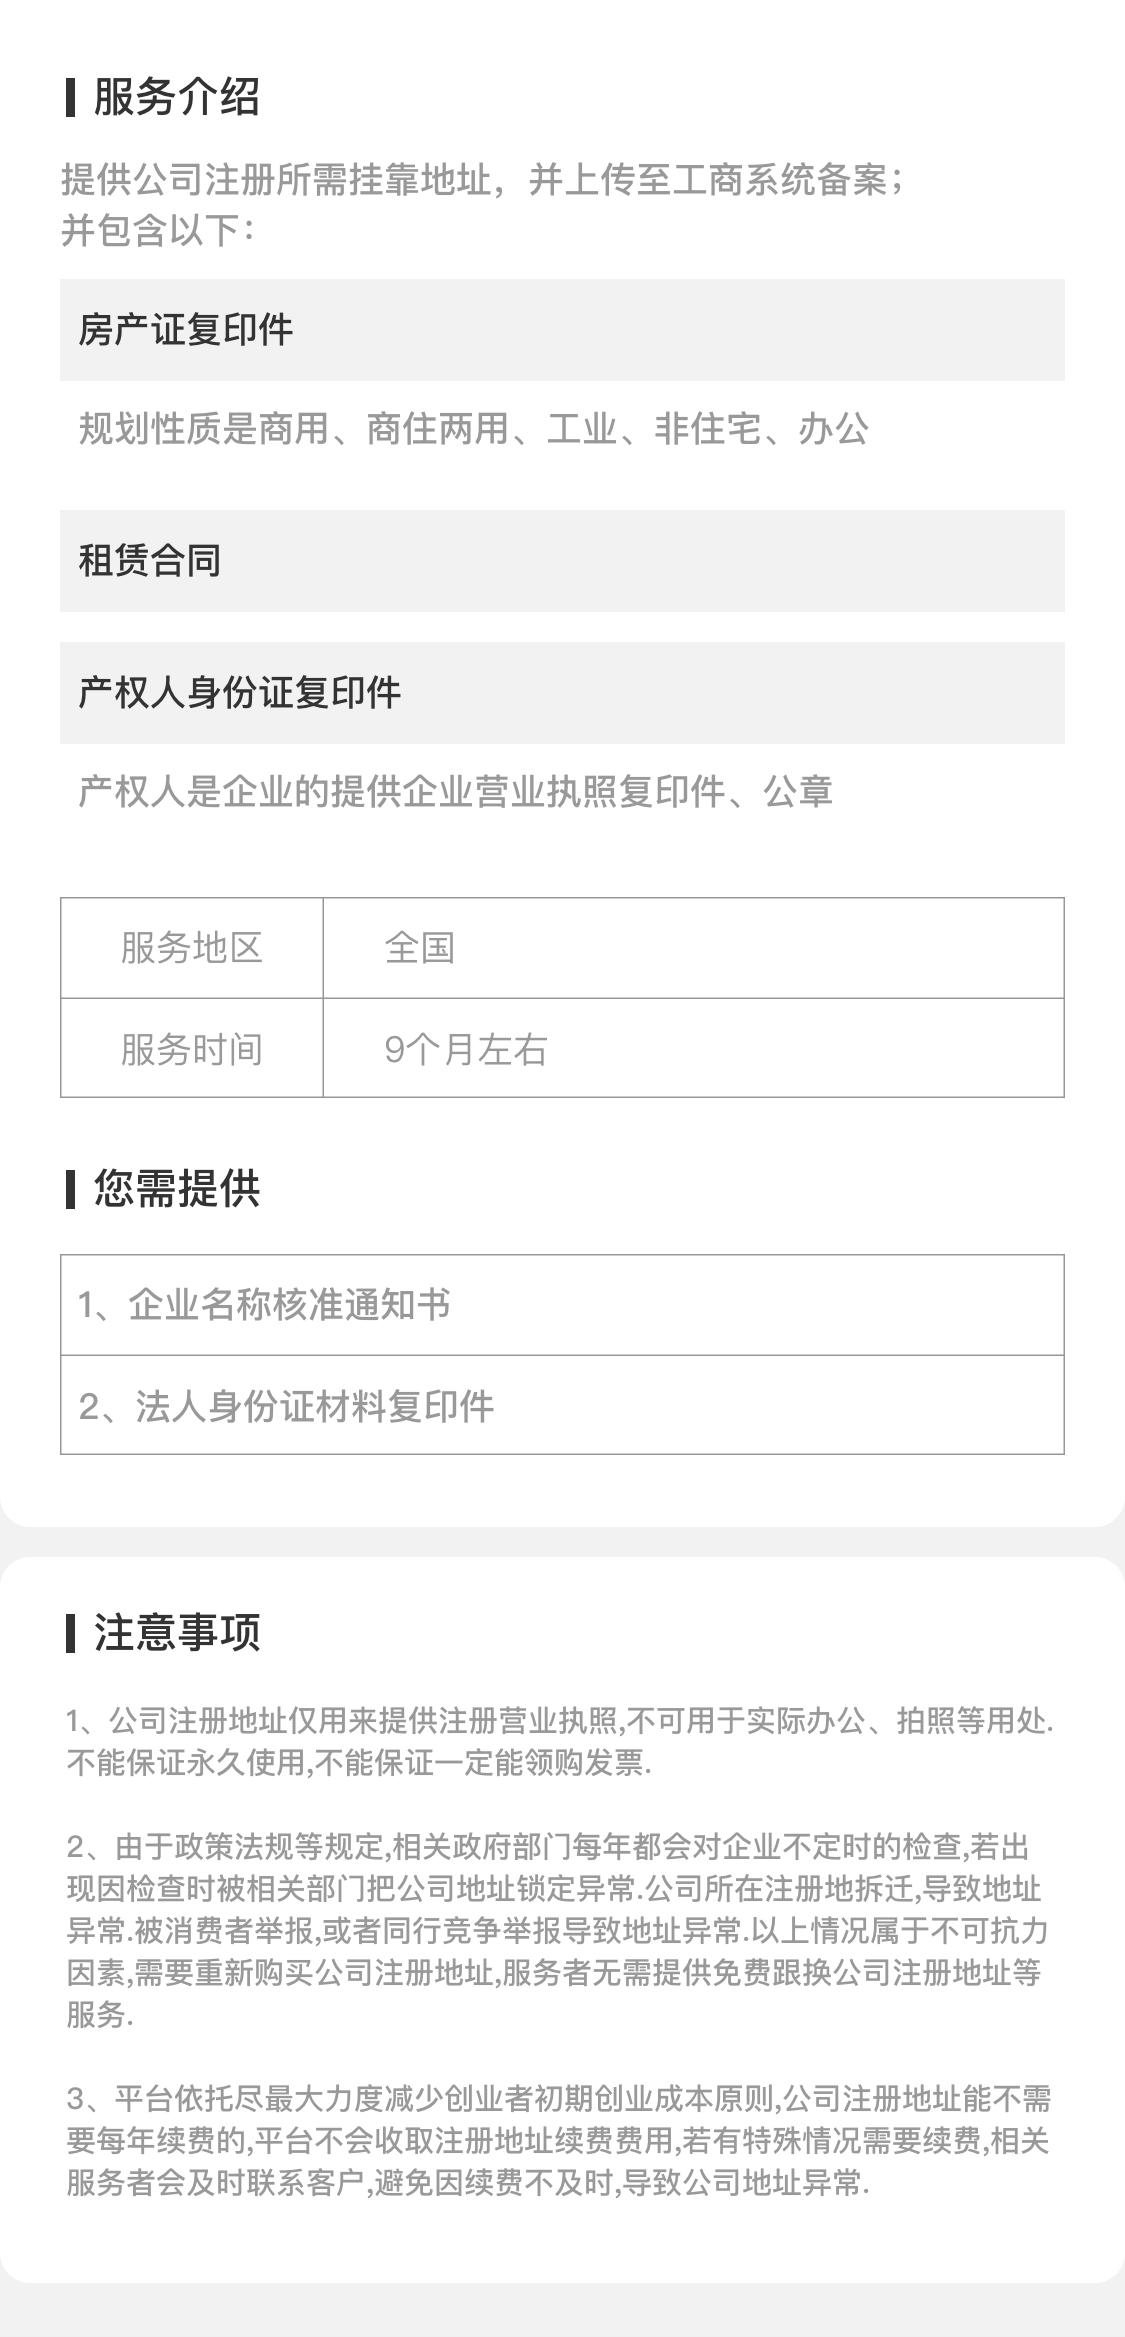 公司注册地址.png